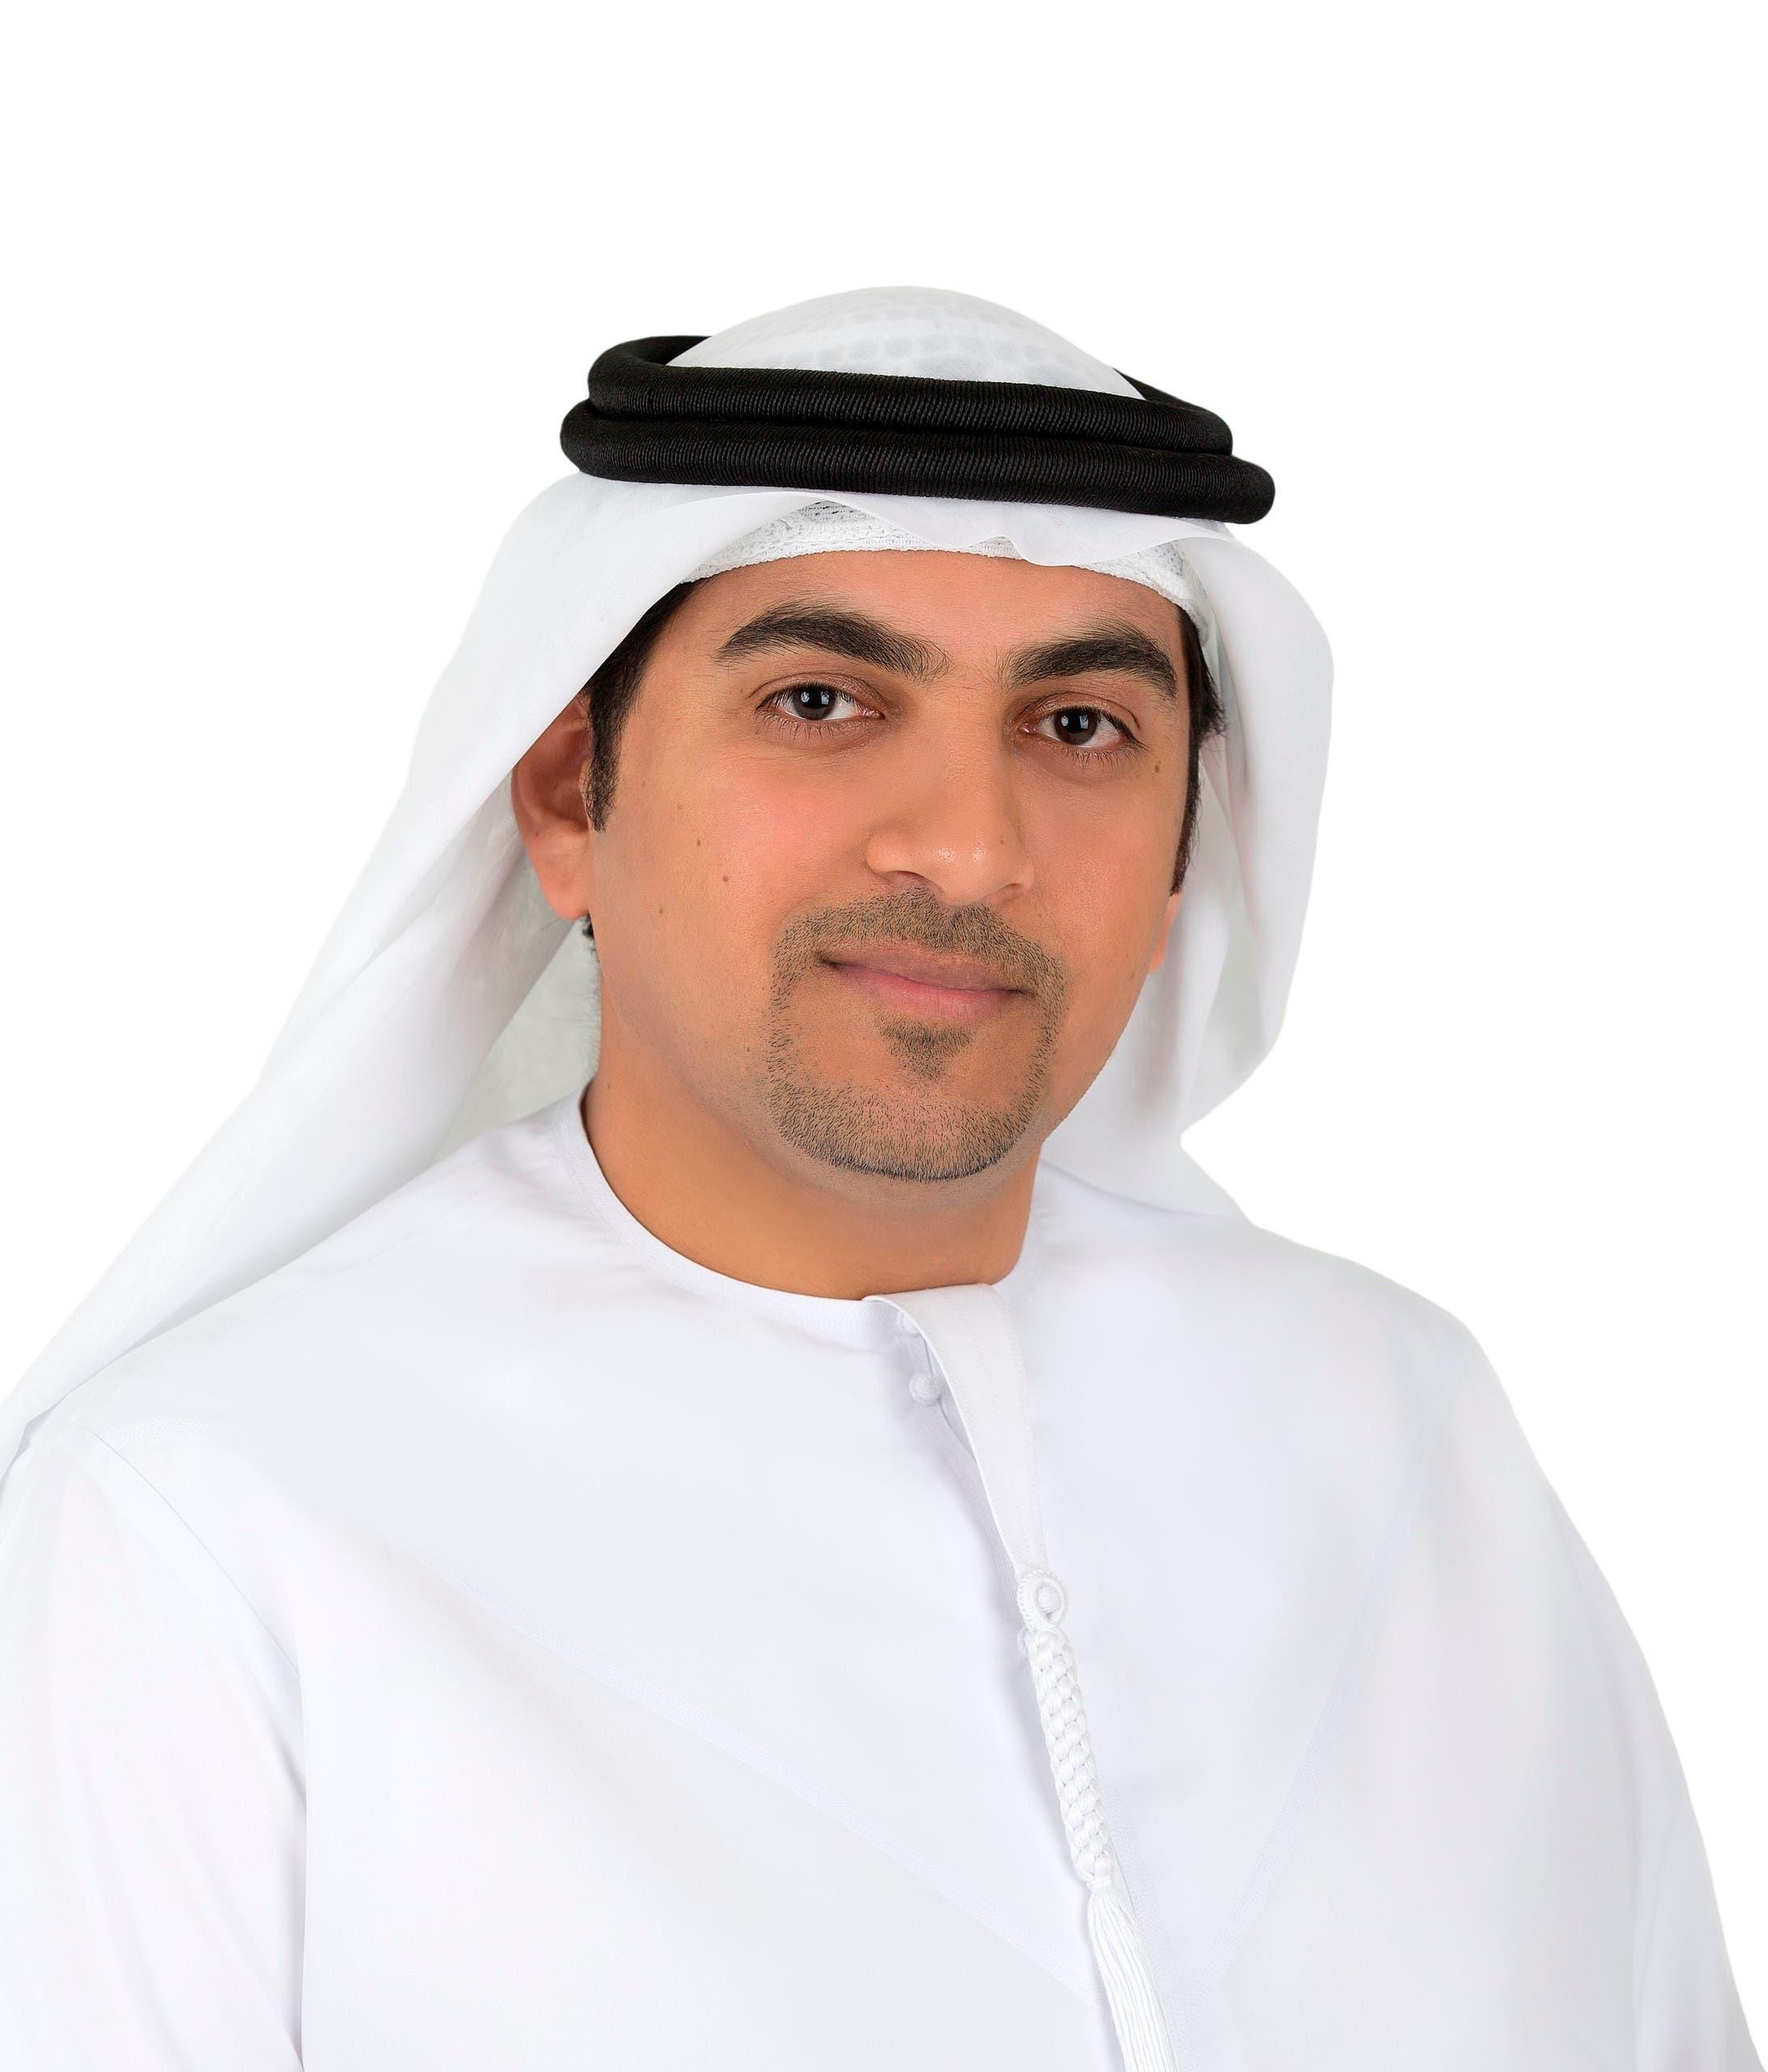 عبد الله عبد القادر المعيني مدير عام مواصفات